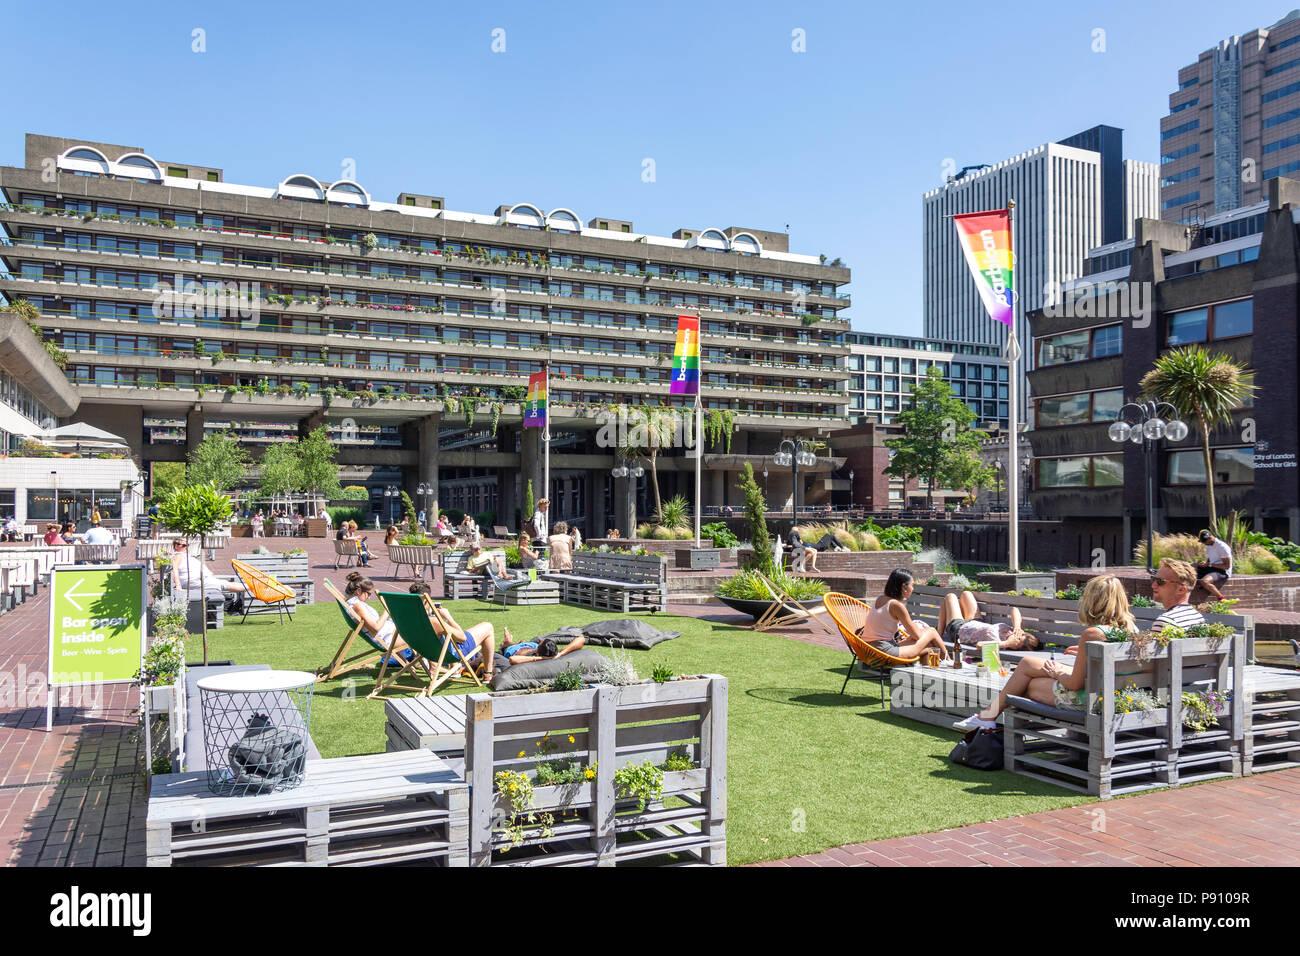 La terraza junto al lago, Barbican Estate, la Barbacana, la ciudad de Londres, Greater London, England, Reino Unido Imagen De Stock